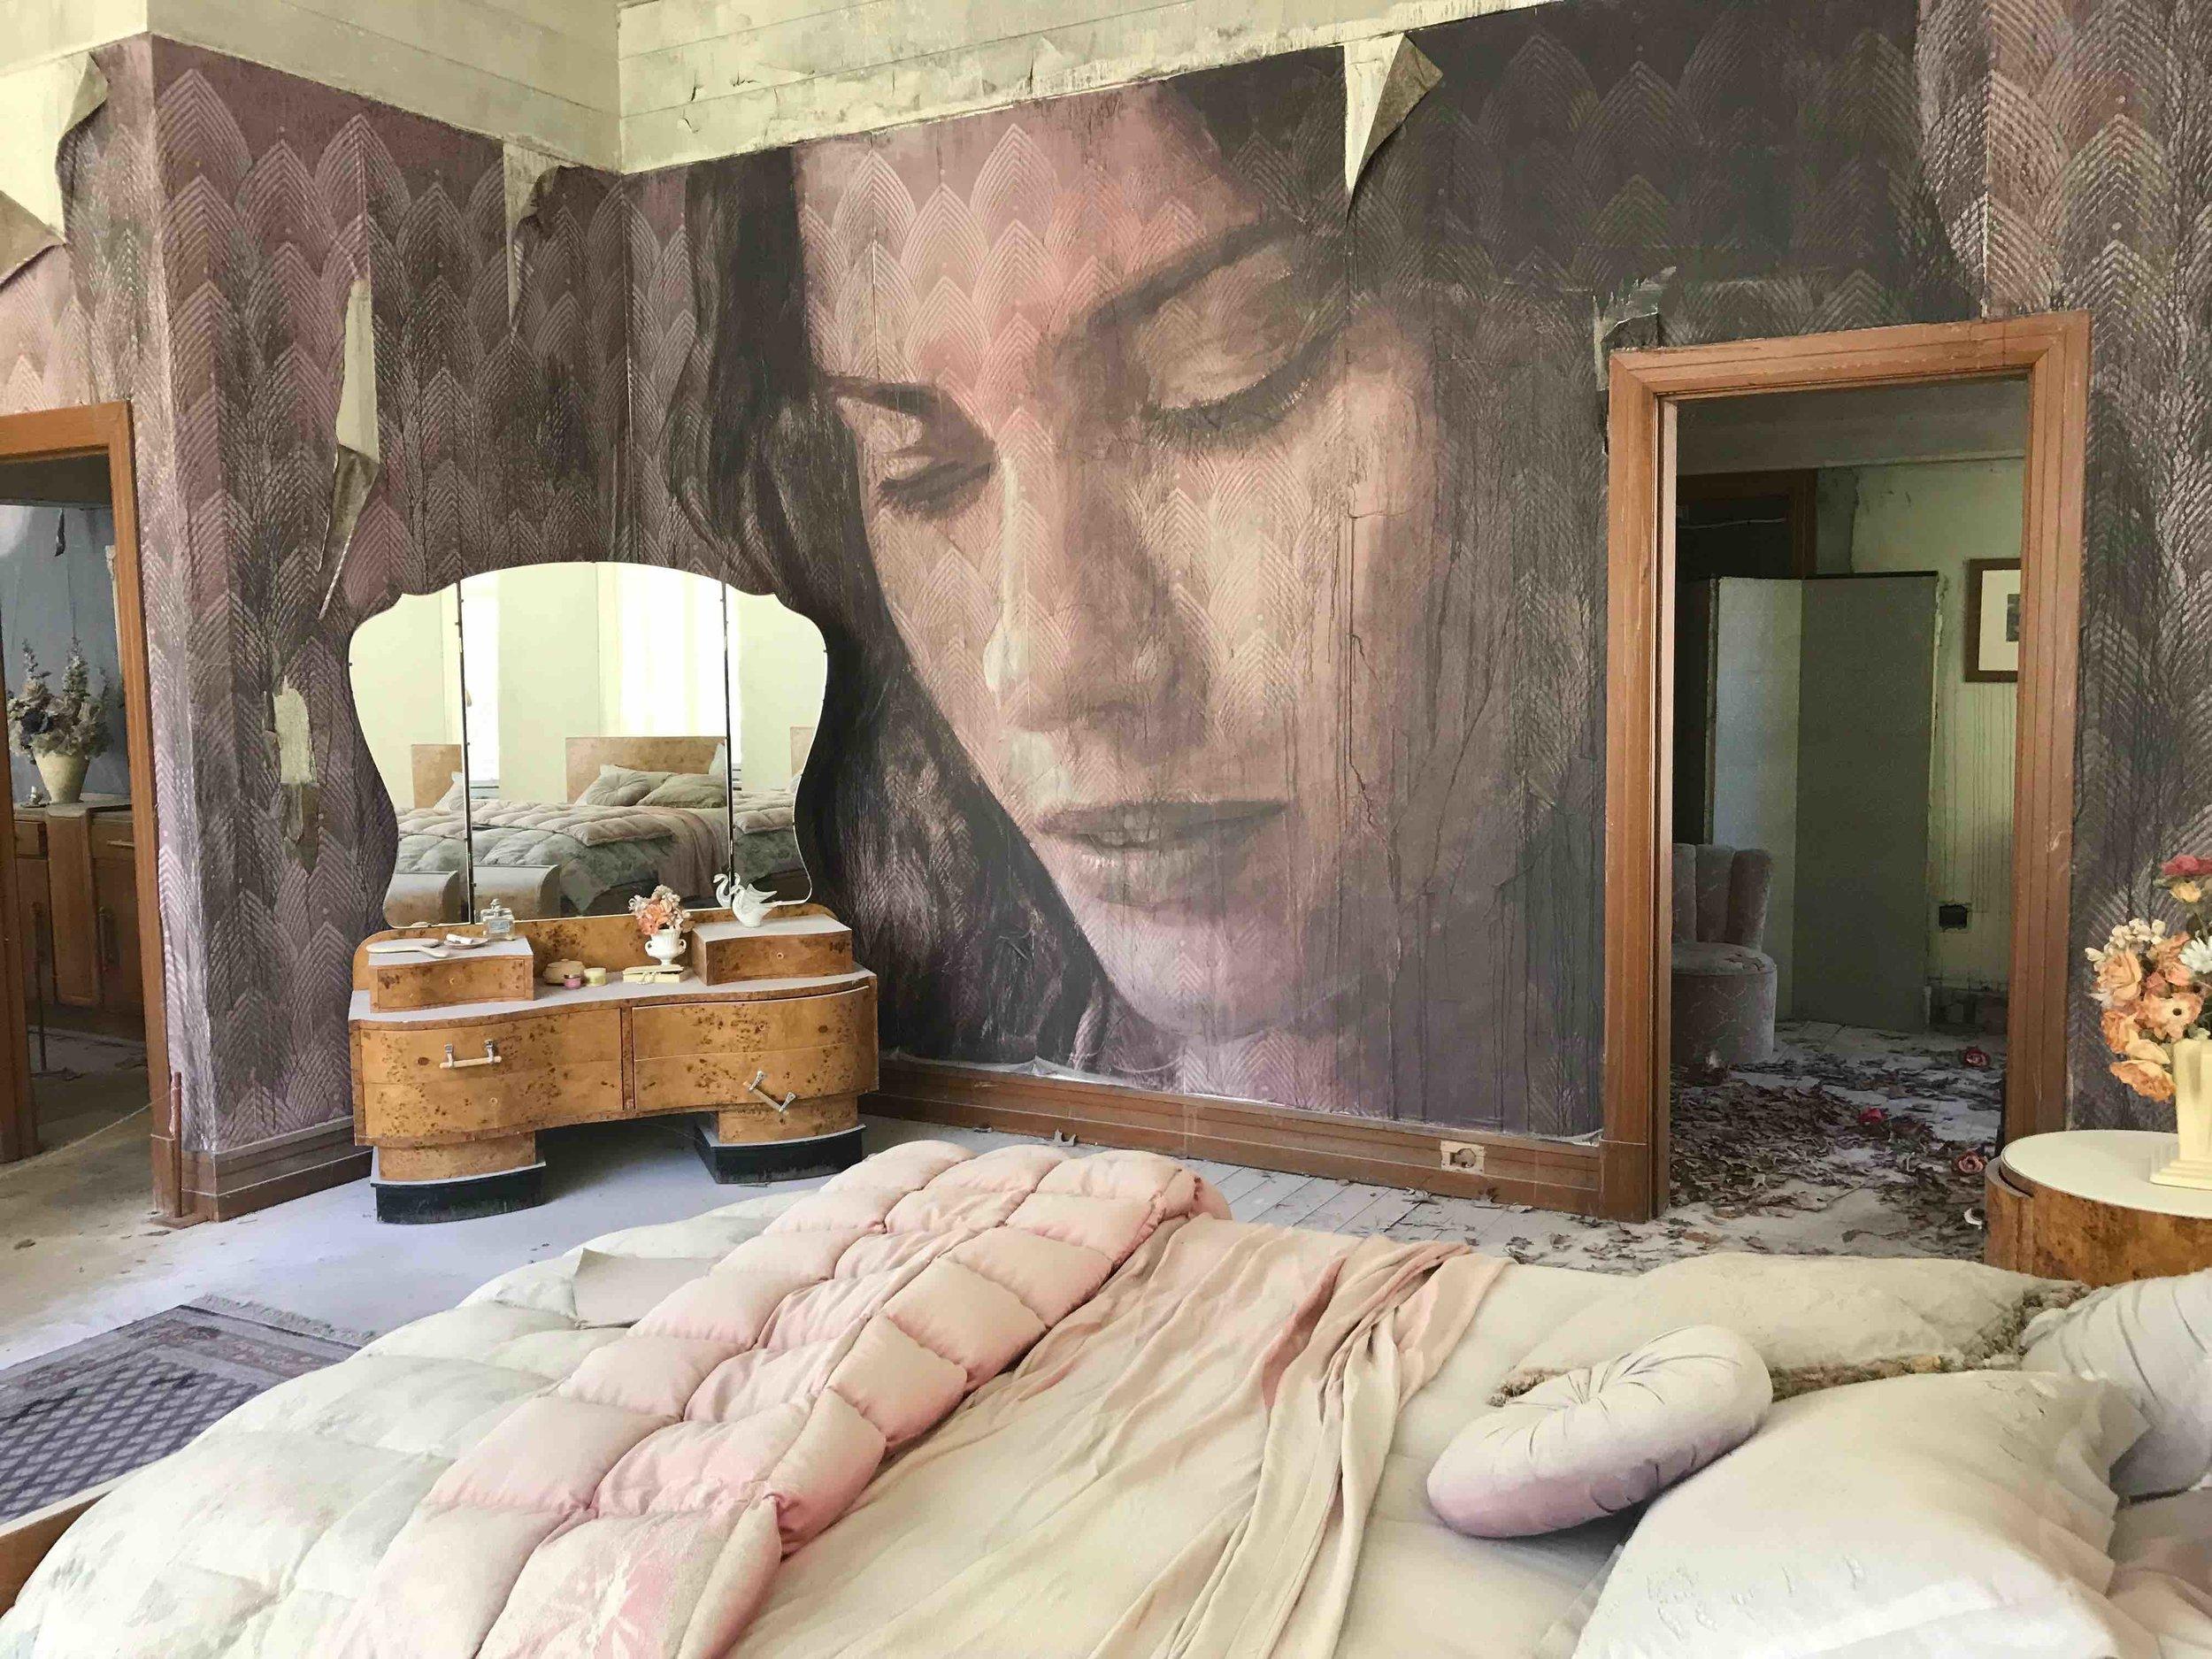 Her Room (Photo: Laura Jocic)